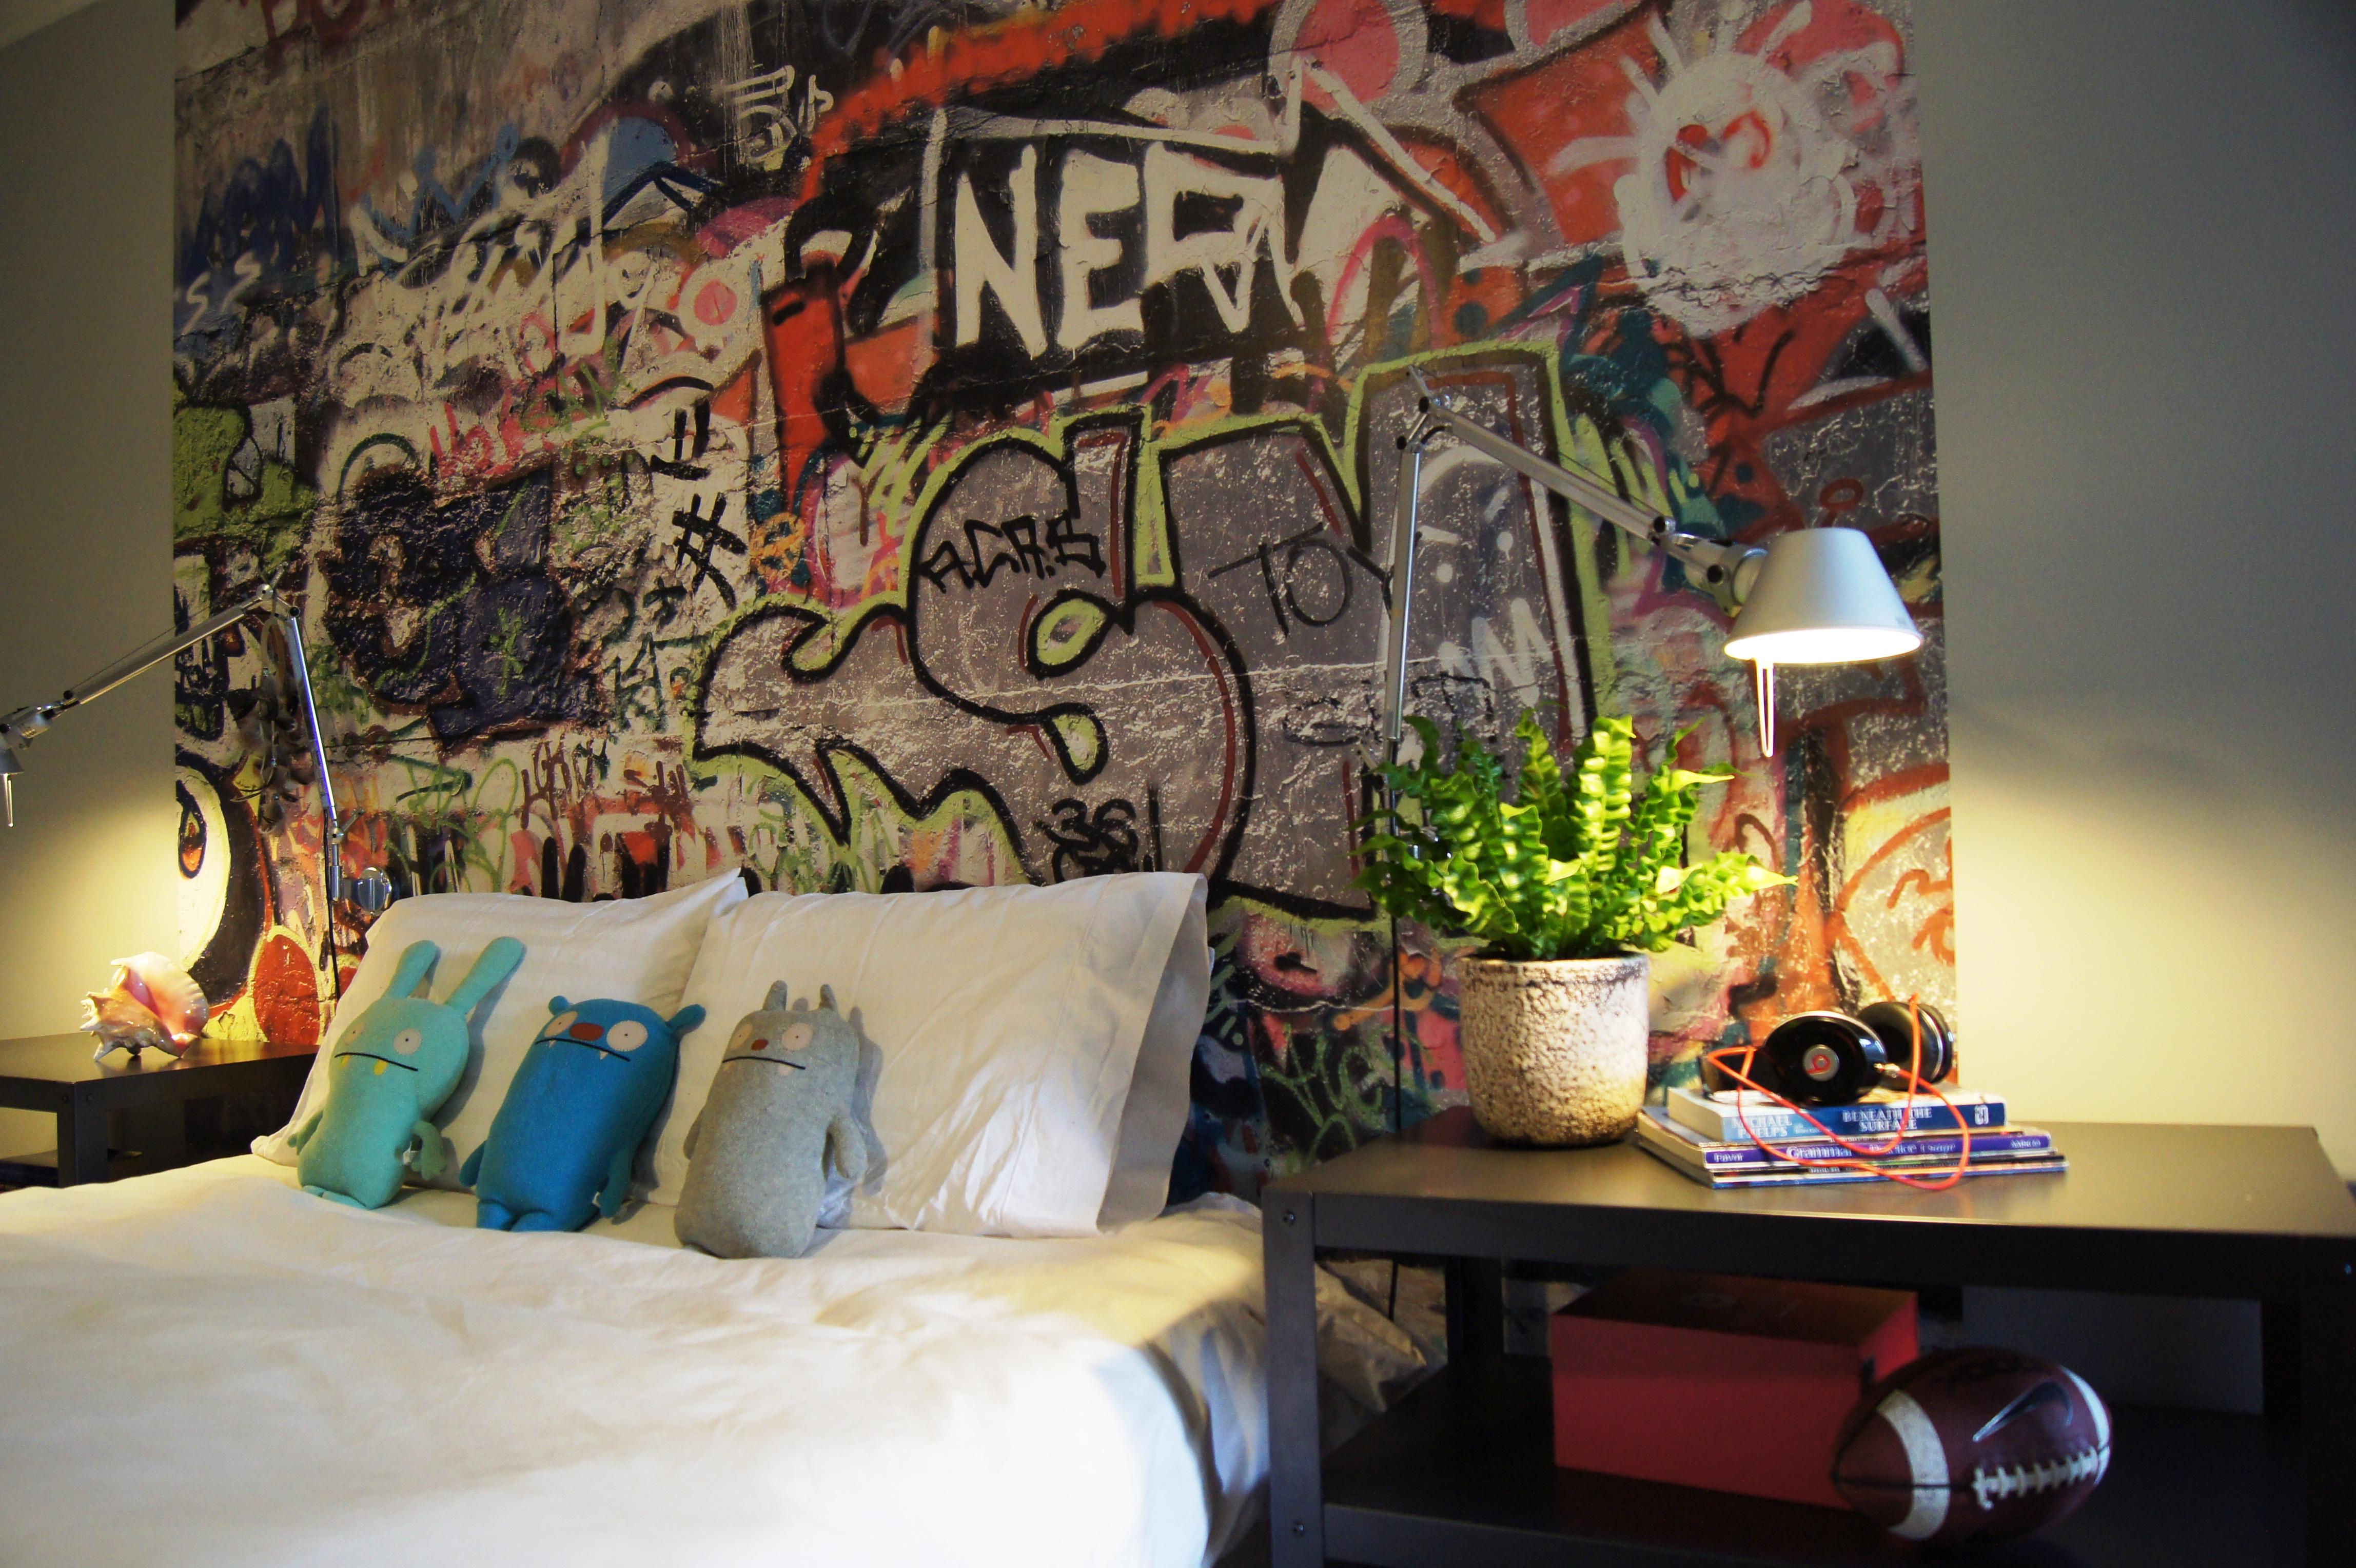 Граффити в качестве оформления стены - удачный вариант для комнаты подростка